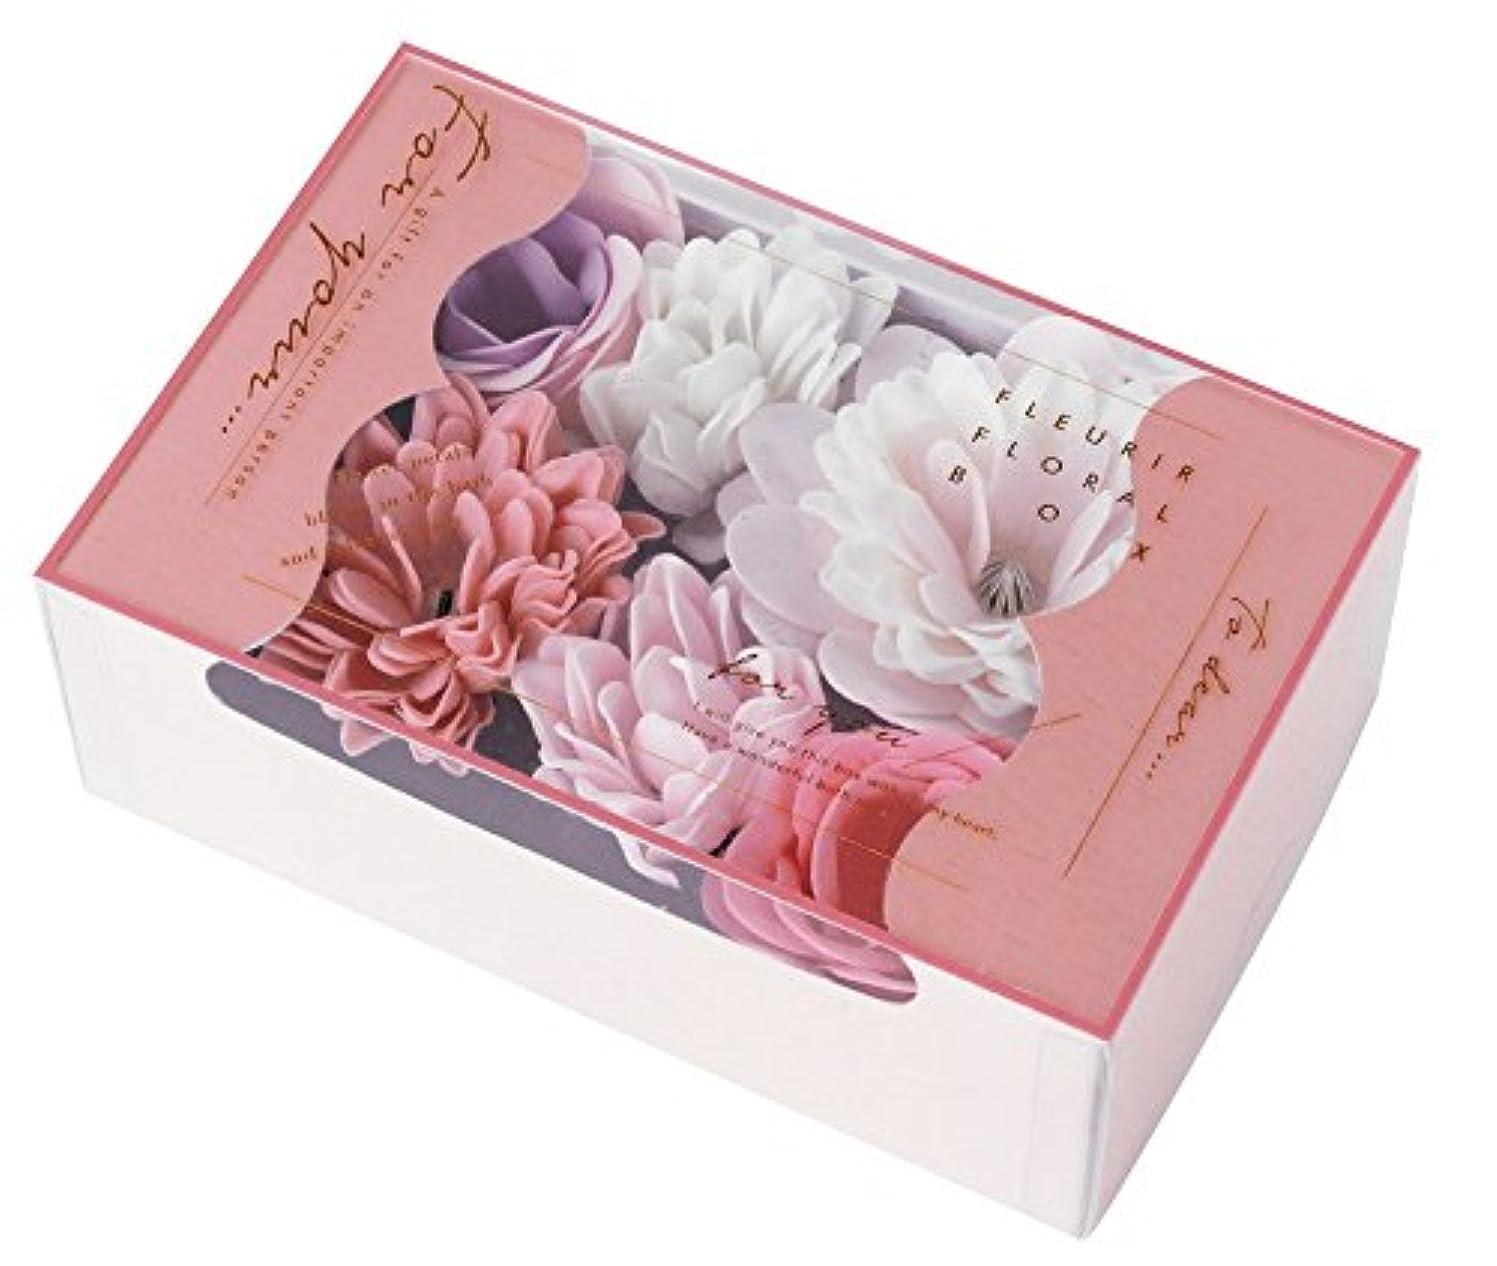 ローズ切り刻むクーポンノルコーポレーション 入浴剤 バスペタル フルリールフローラルボックス 22g フローラルの香り OB-FFL-1-1